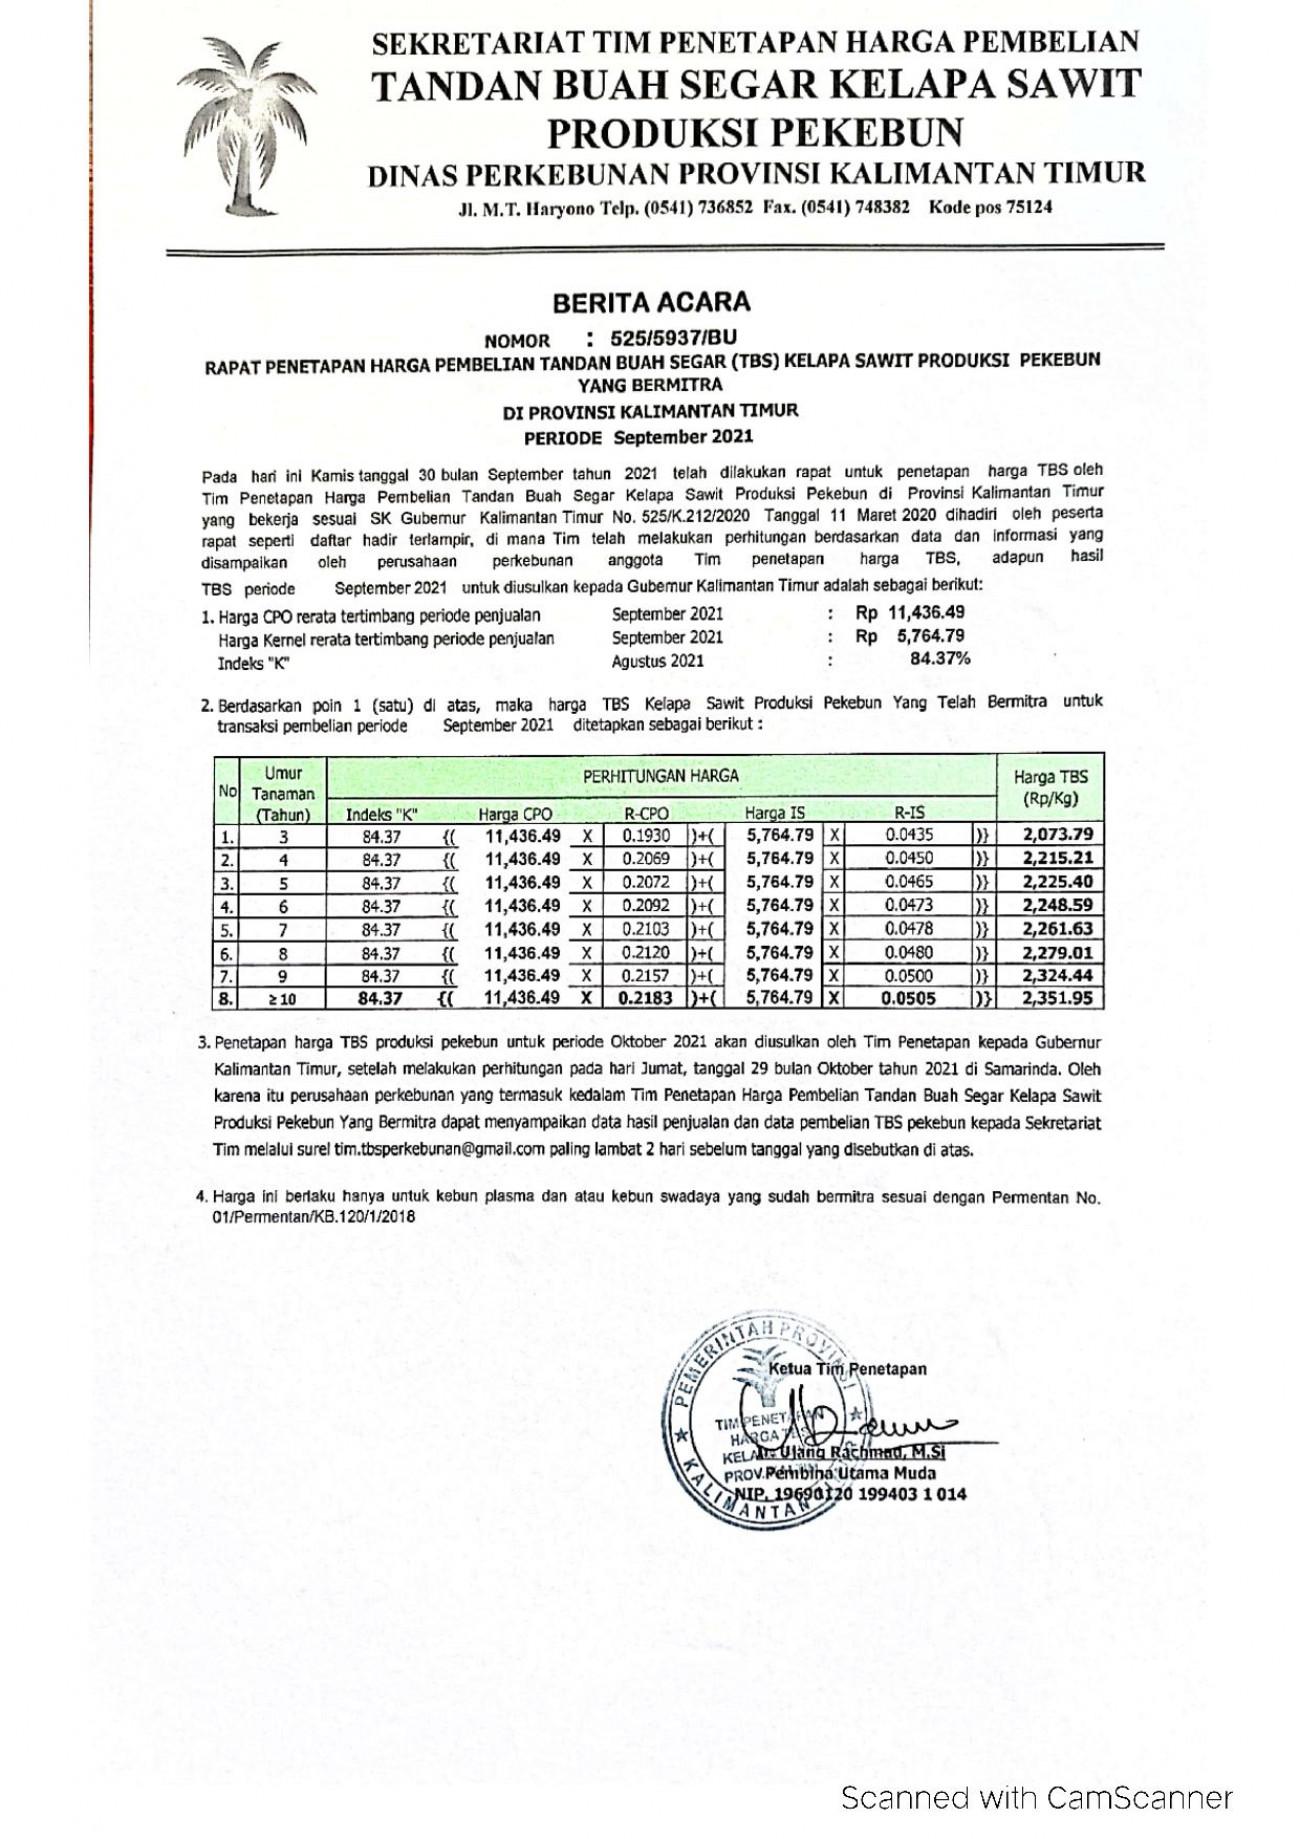 Informasi Harga TBS Kelapa Sawit Bagi Pekebun Bermitra Bulan September 2021